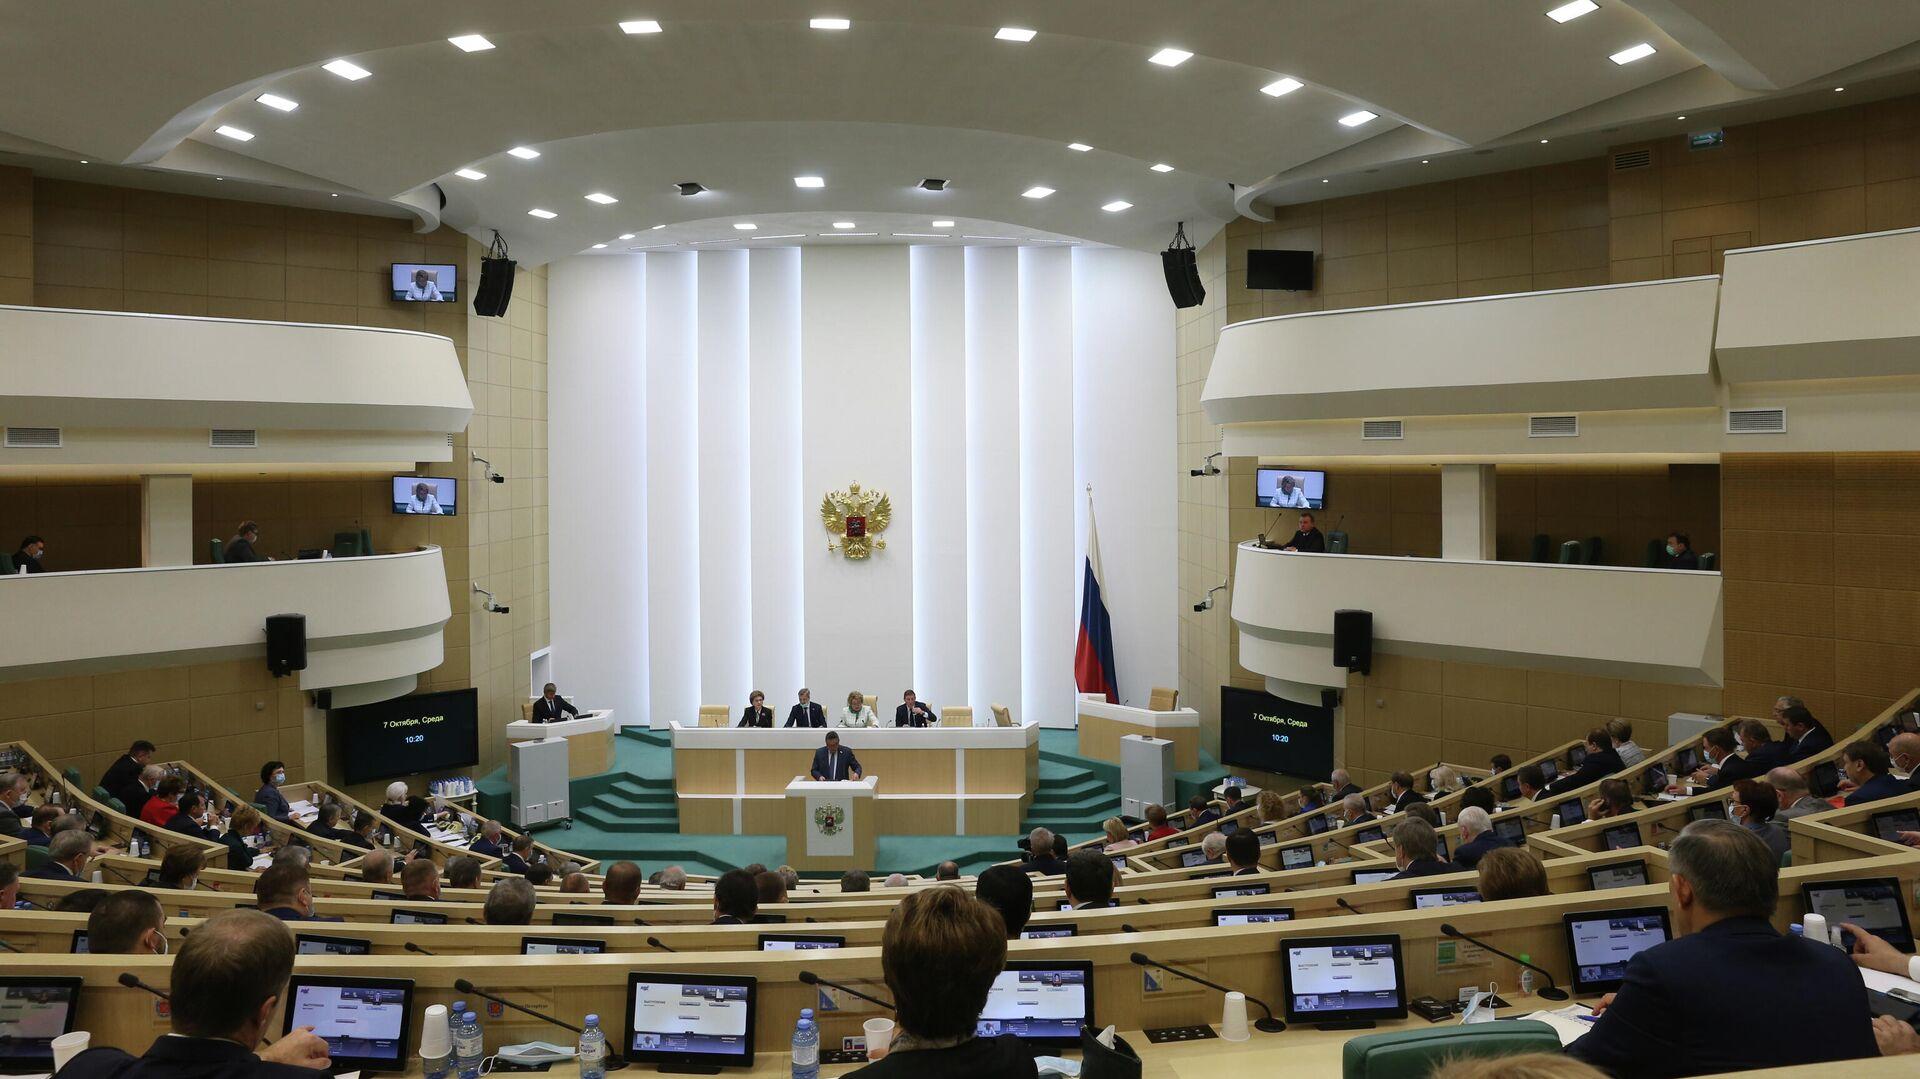 1578623161 0:321:3072:2048 1920x0 80 0 0 c427a33ea0599c3c059f5c460be9643a - В Совфеде предложили увеличить срок консультаций о кандидатурах министров